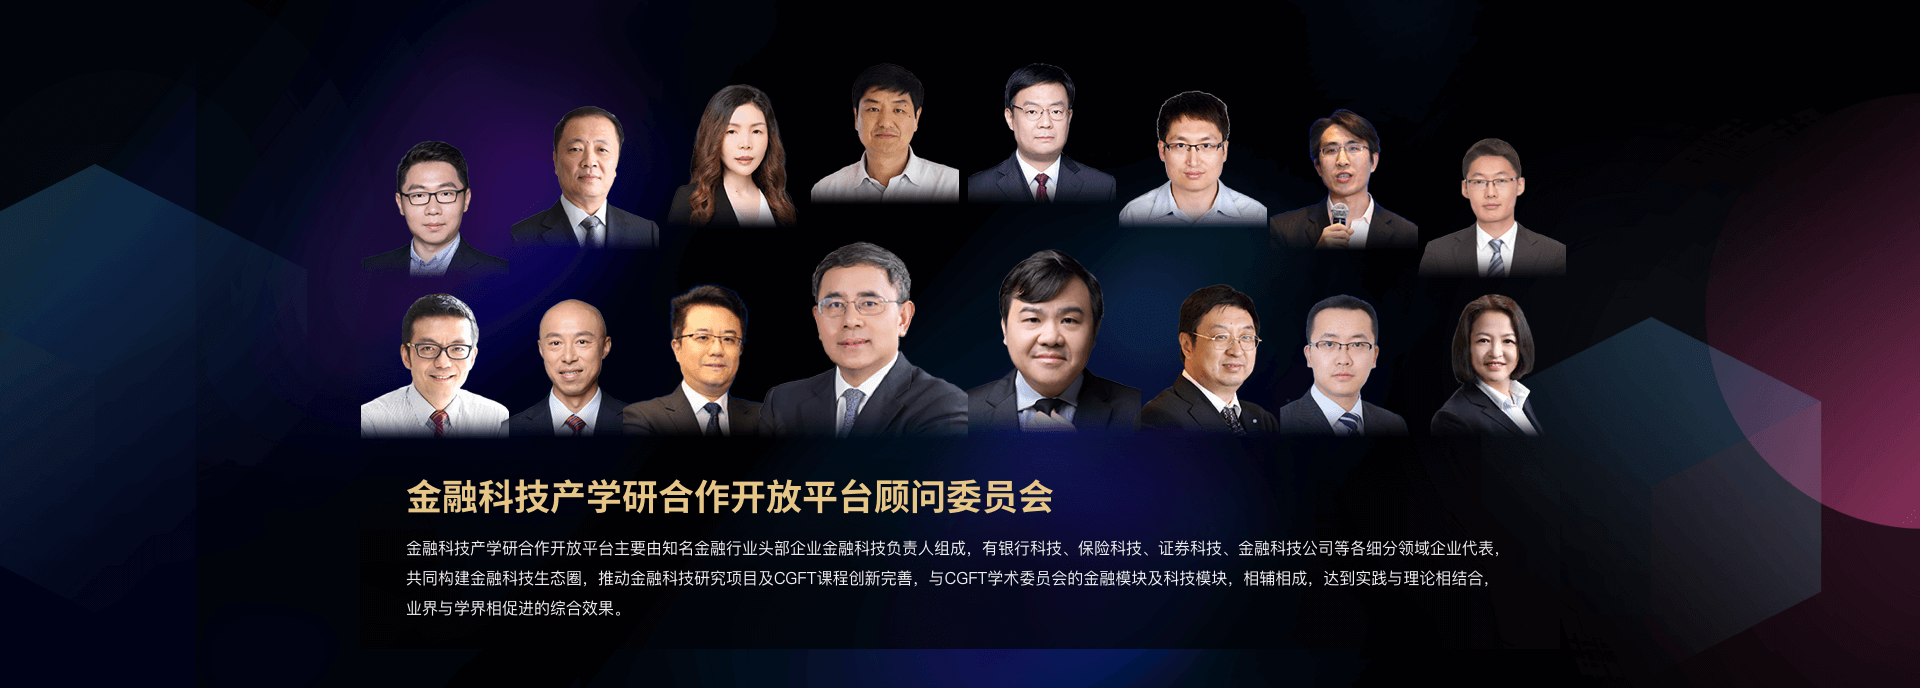 特许全球金融科技师顾问委员会